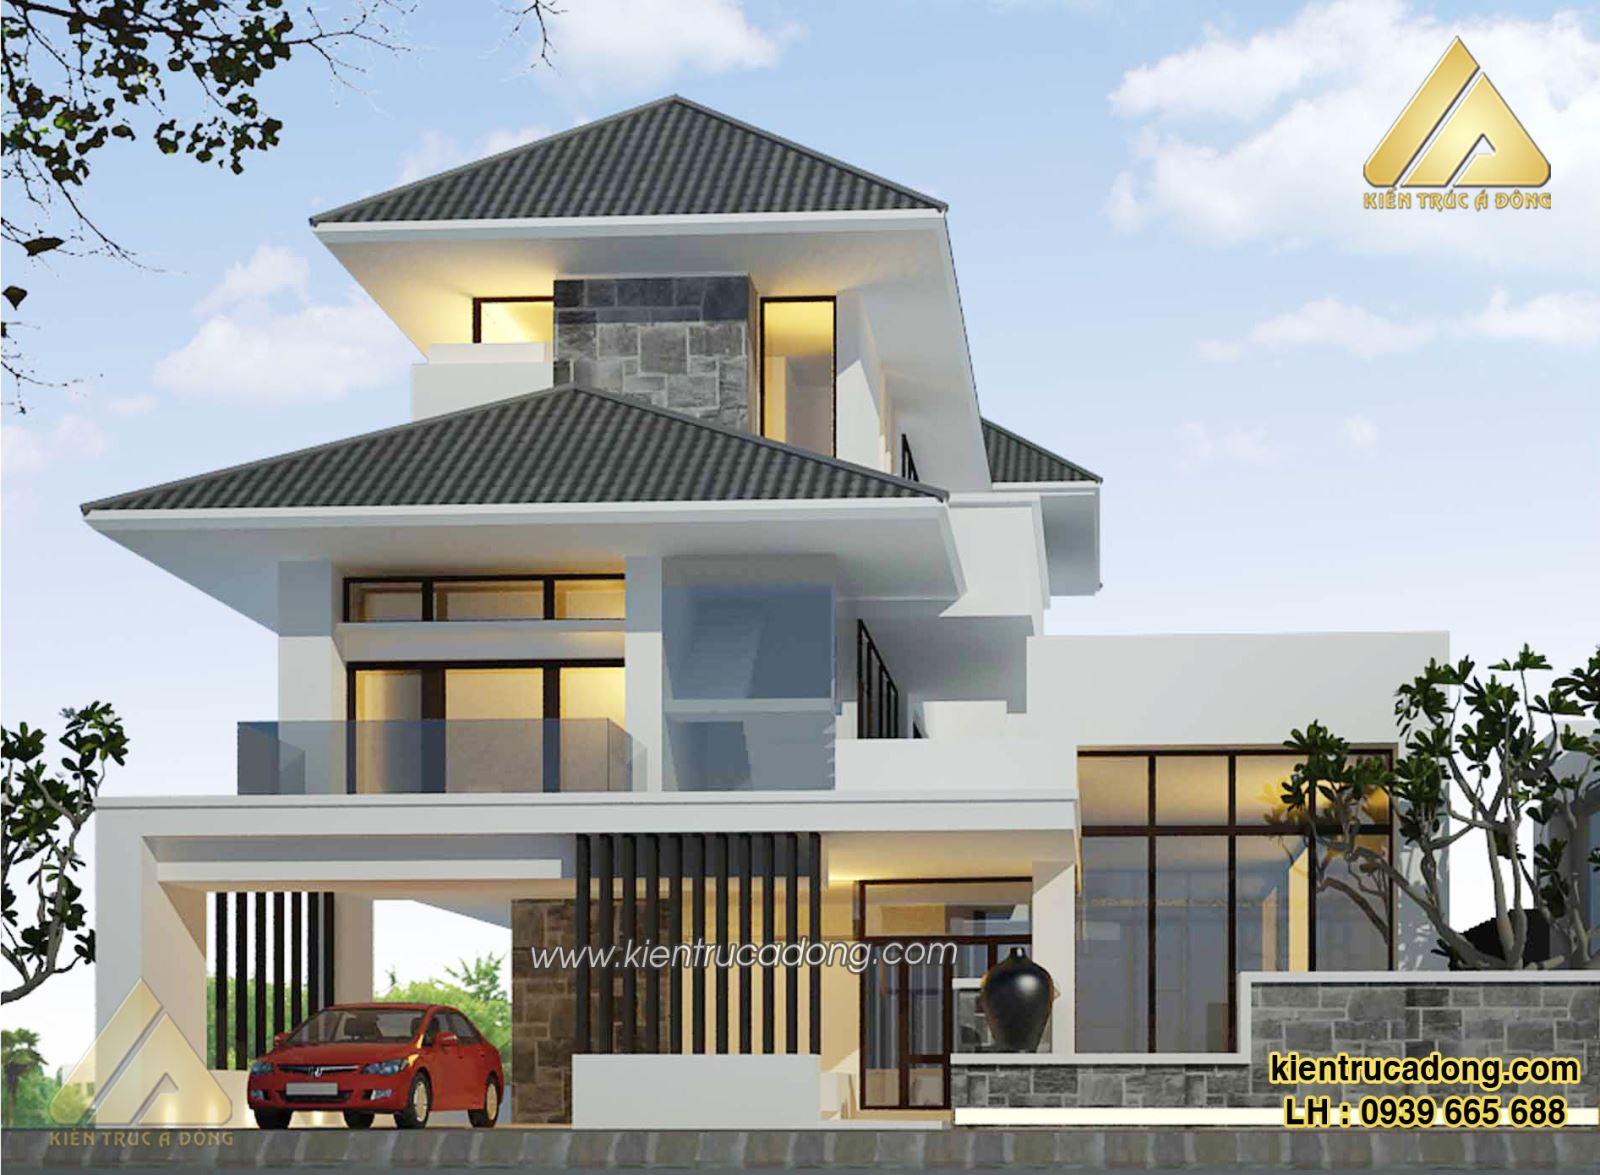 Mẫu nhà đẹp thiết kế biệt thự nghỉ dưỡng hiện đại